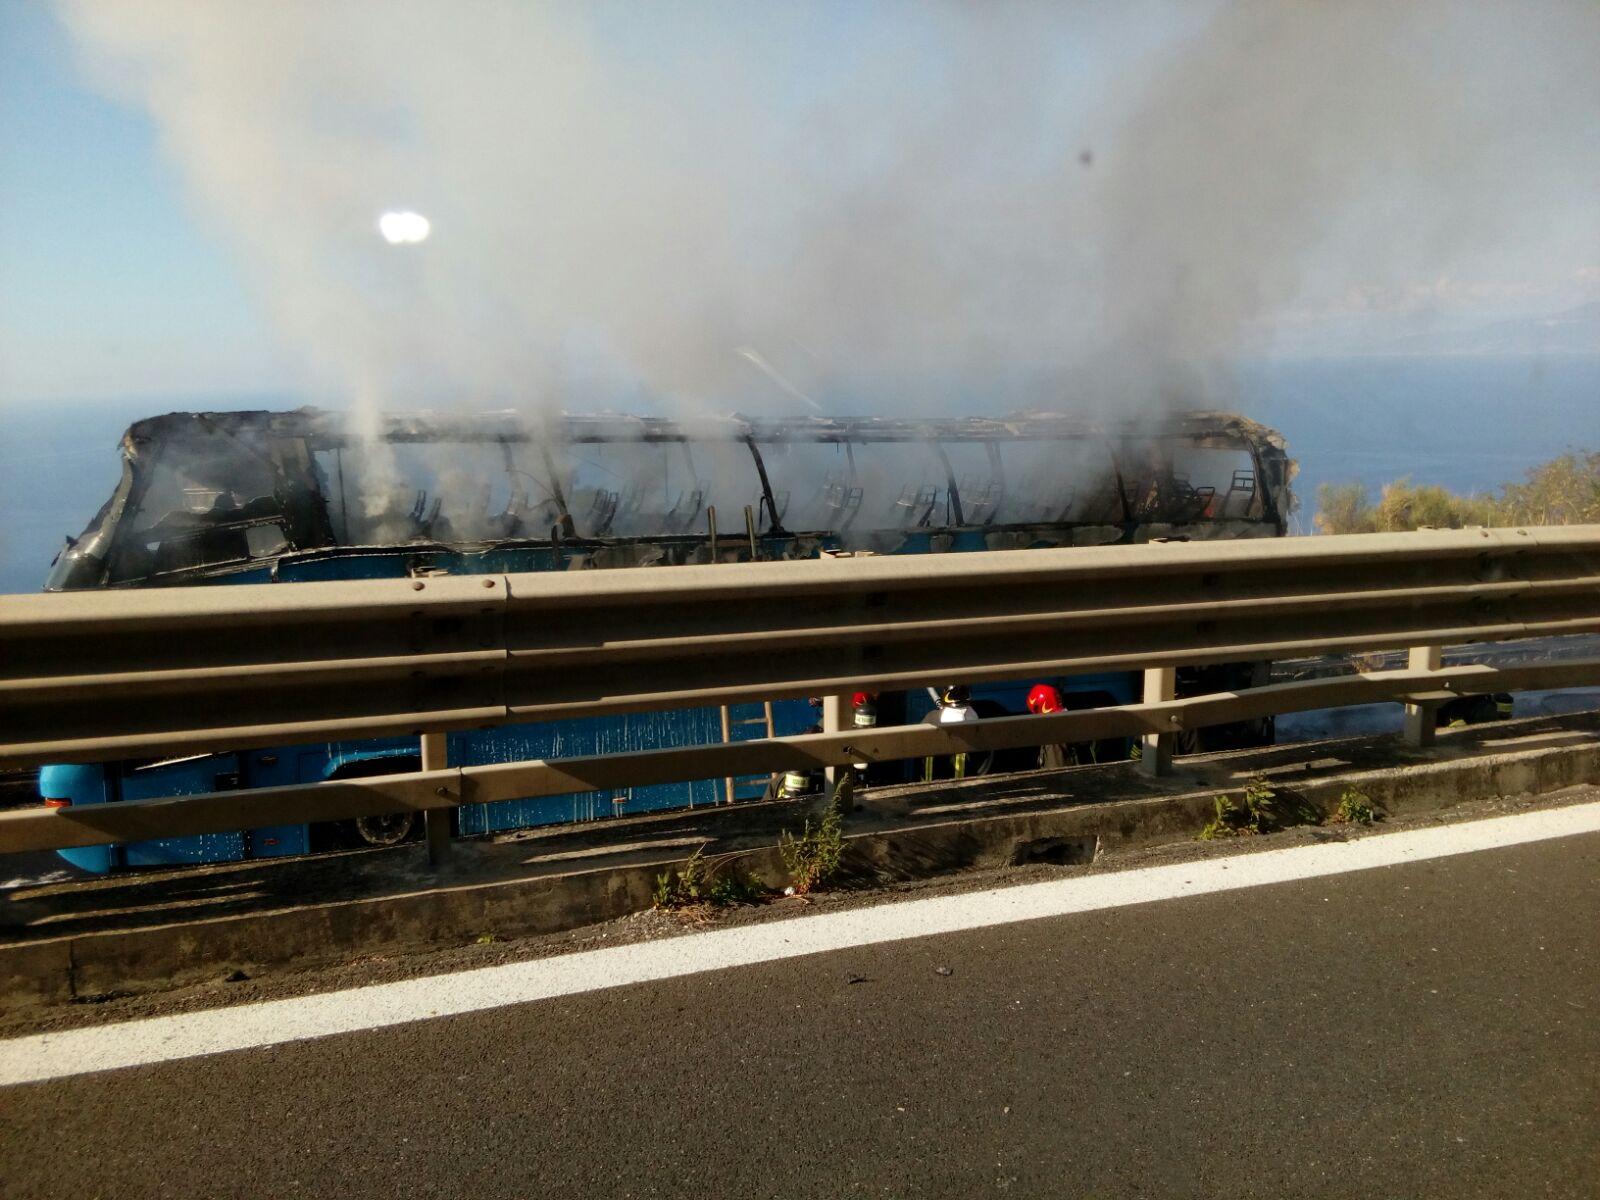 FOTO - Autobus in fiamme sull'Autostrada vicino ViboLe immagini del mezzo distrutto dalle fiamme